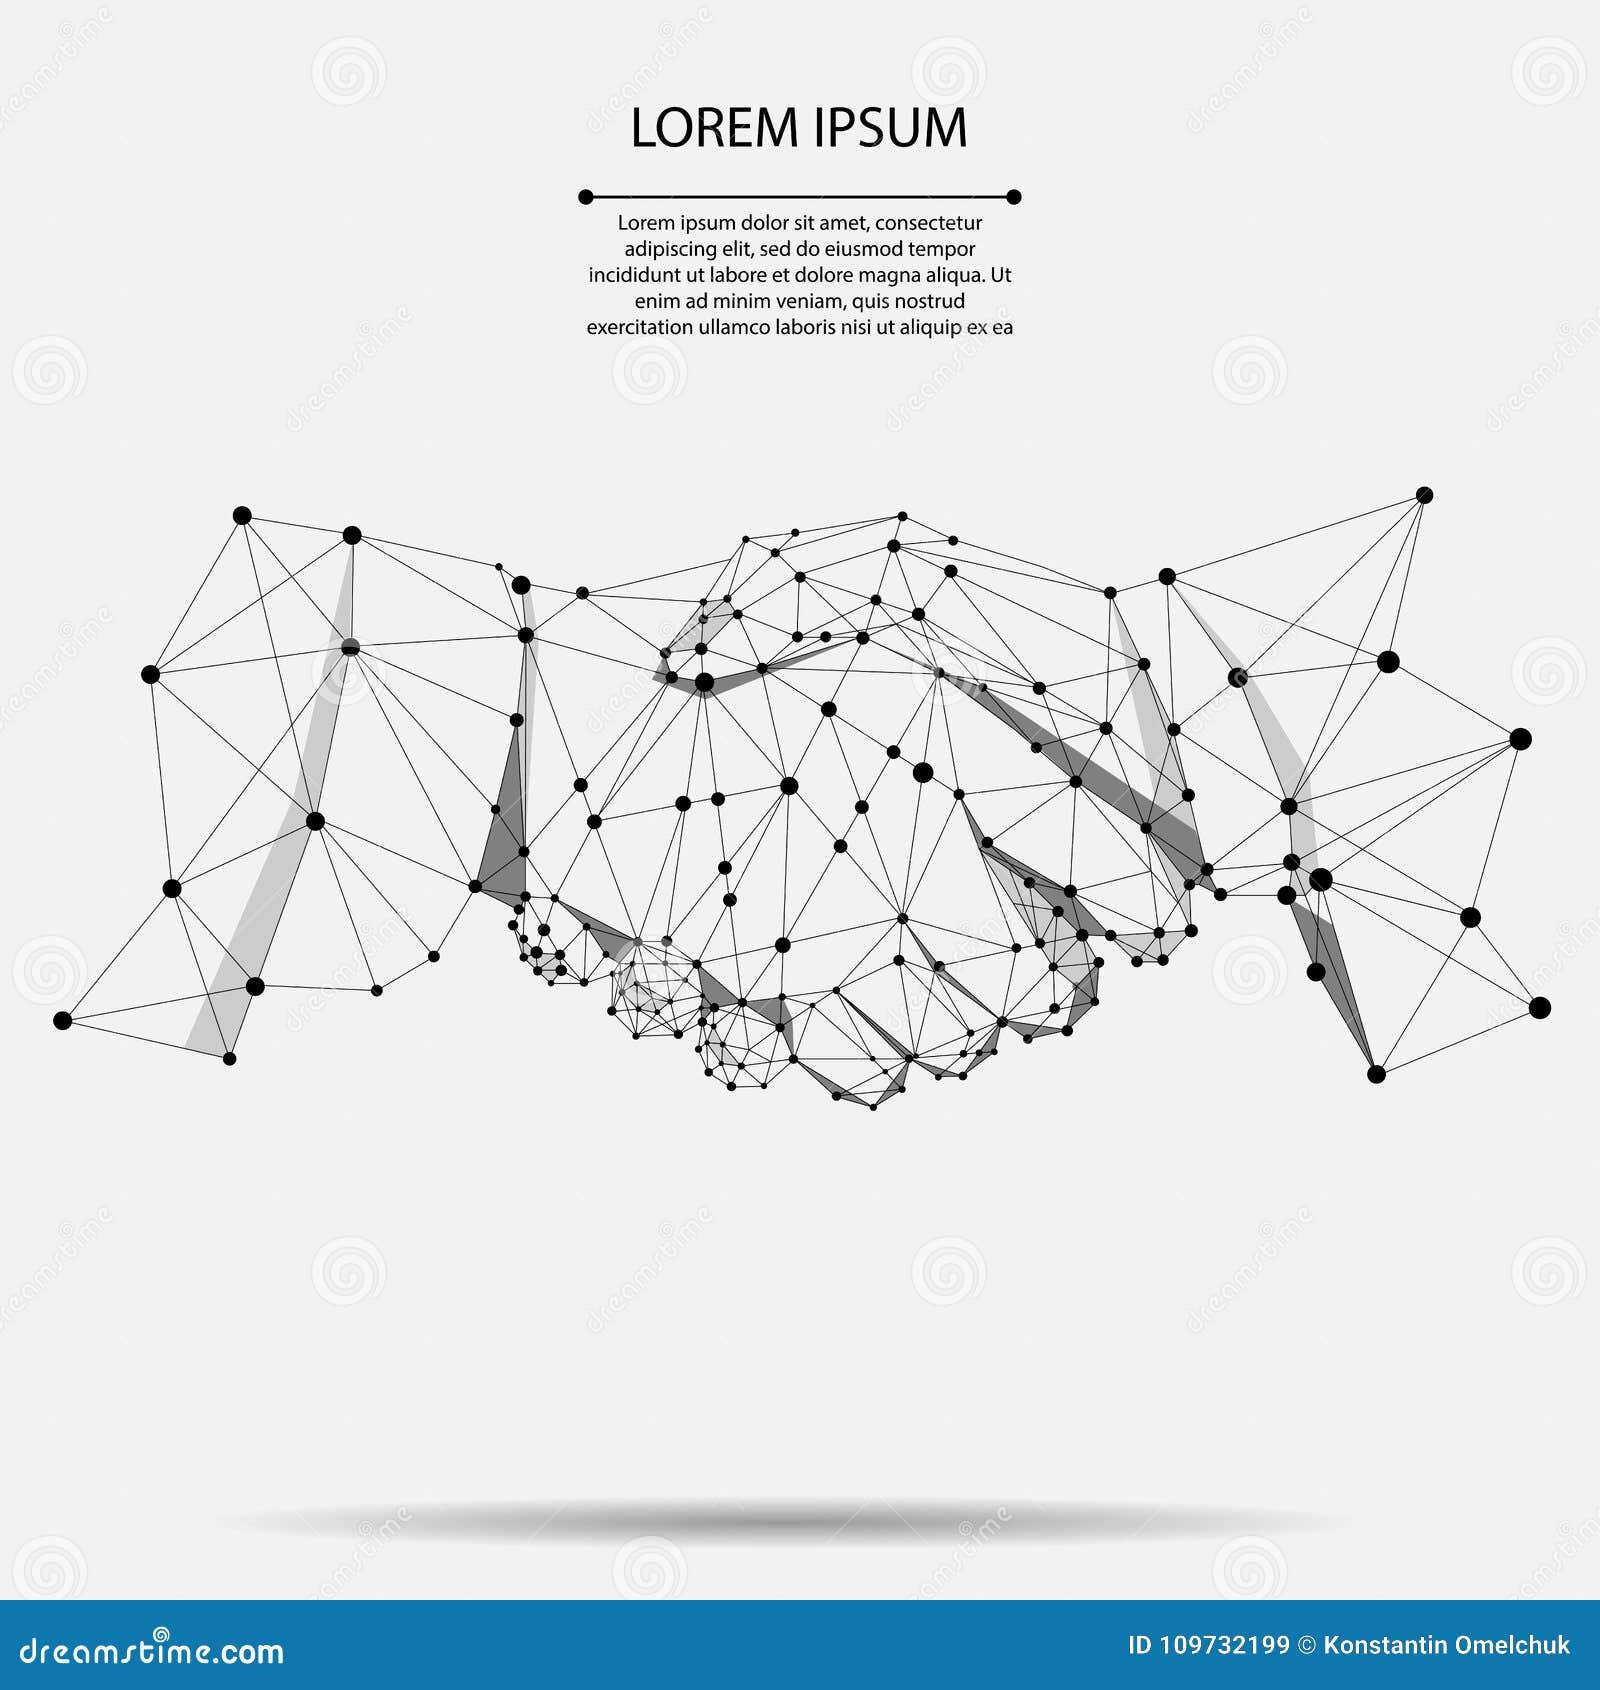 Abstrakt linia i punkt zgody uścisku dłoni biznesu pojęcie Poligonalnej punkt linii geometryczny projekt